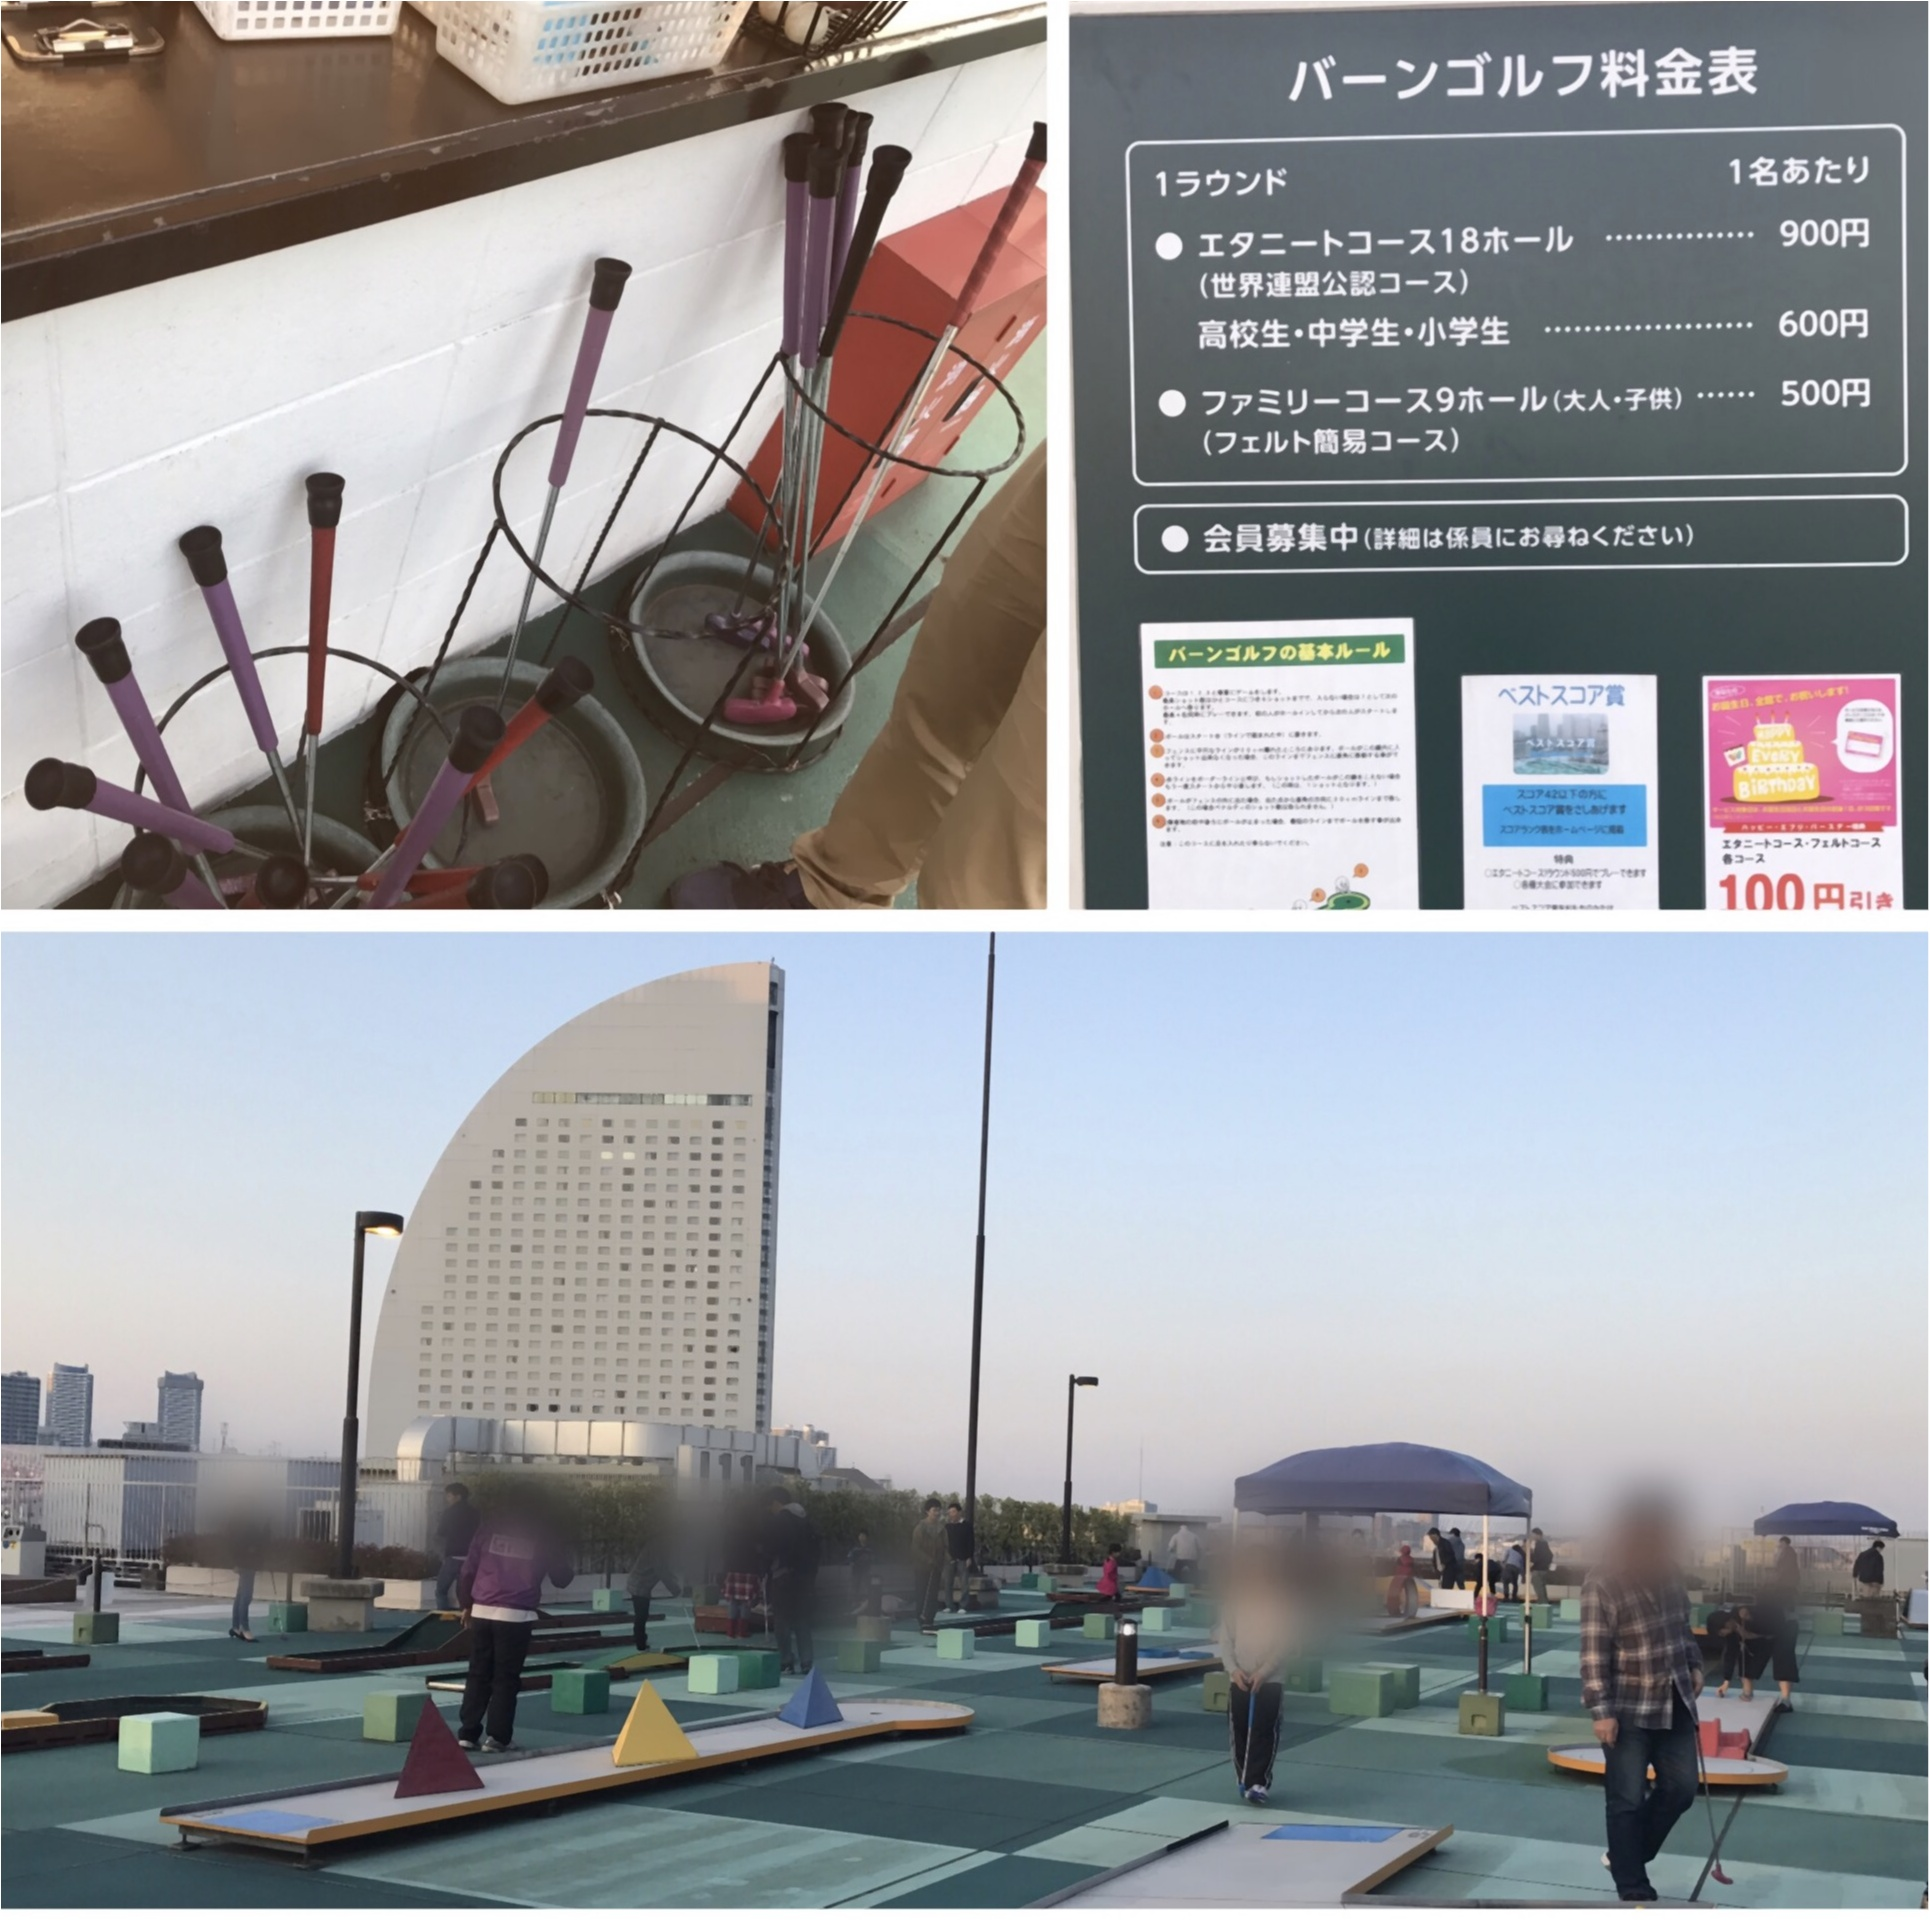 《大人気‼︎》横浜の夜景を見ながら大人のデート♡初心者でも大丈夫‼︎屋上のバーンゴルフ場は新デートスポット( ´艸`)_1